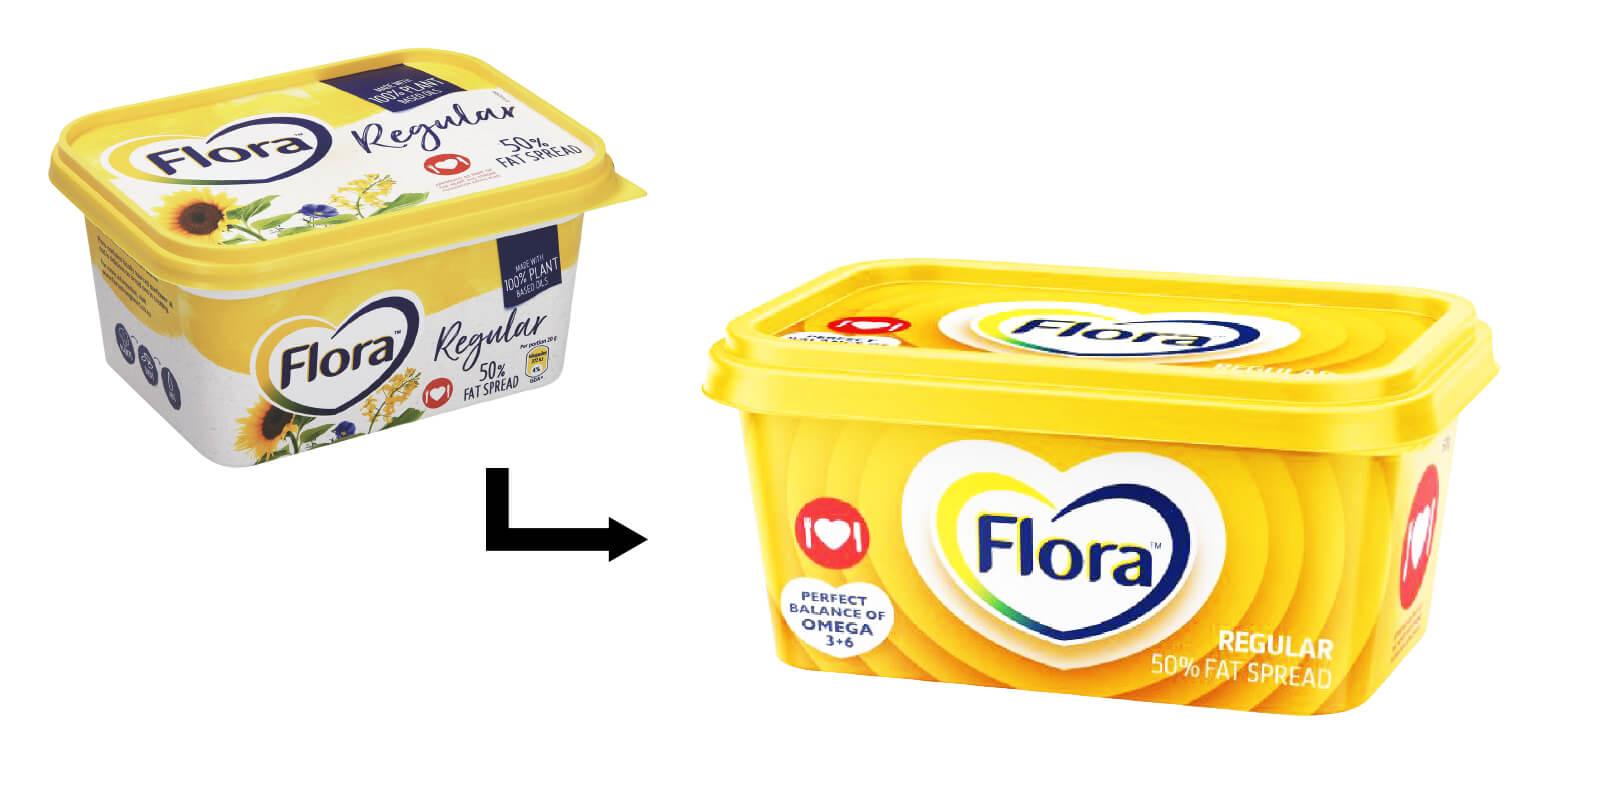 metropolitan republic Flora PackagingBody image 1